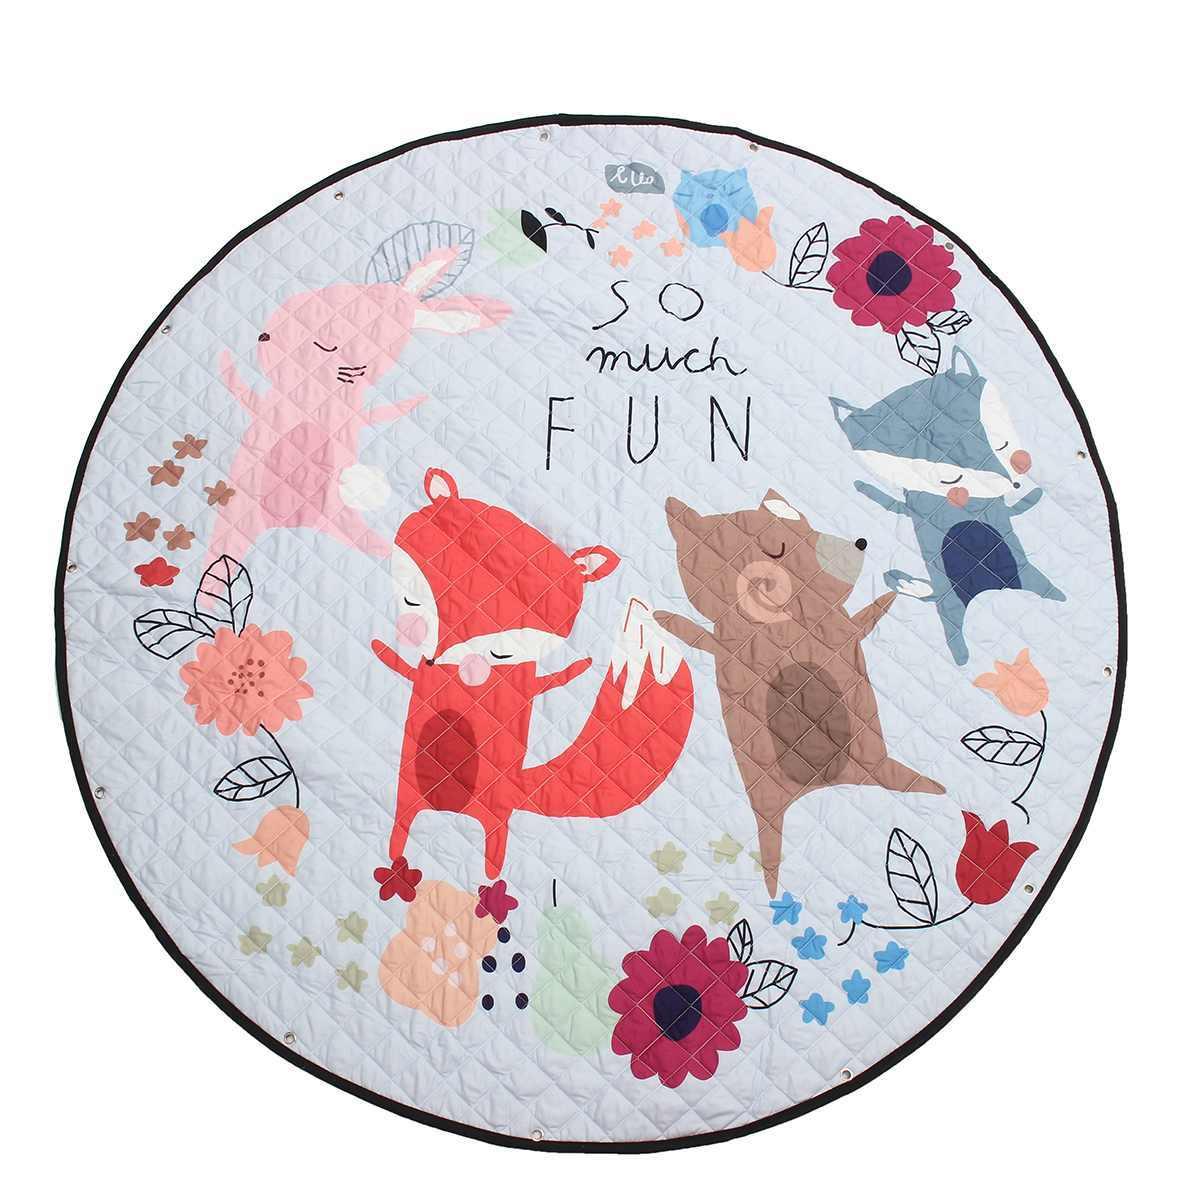 Мультфильм лиса хлопок детские коврик для тренажерного зала Ползания одеяло портативный Круглый ковры игрушечные лошадки Playmat сумка для хранения 150 см